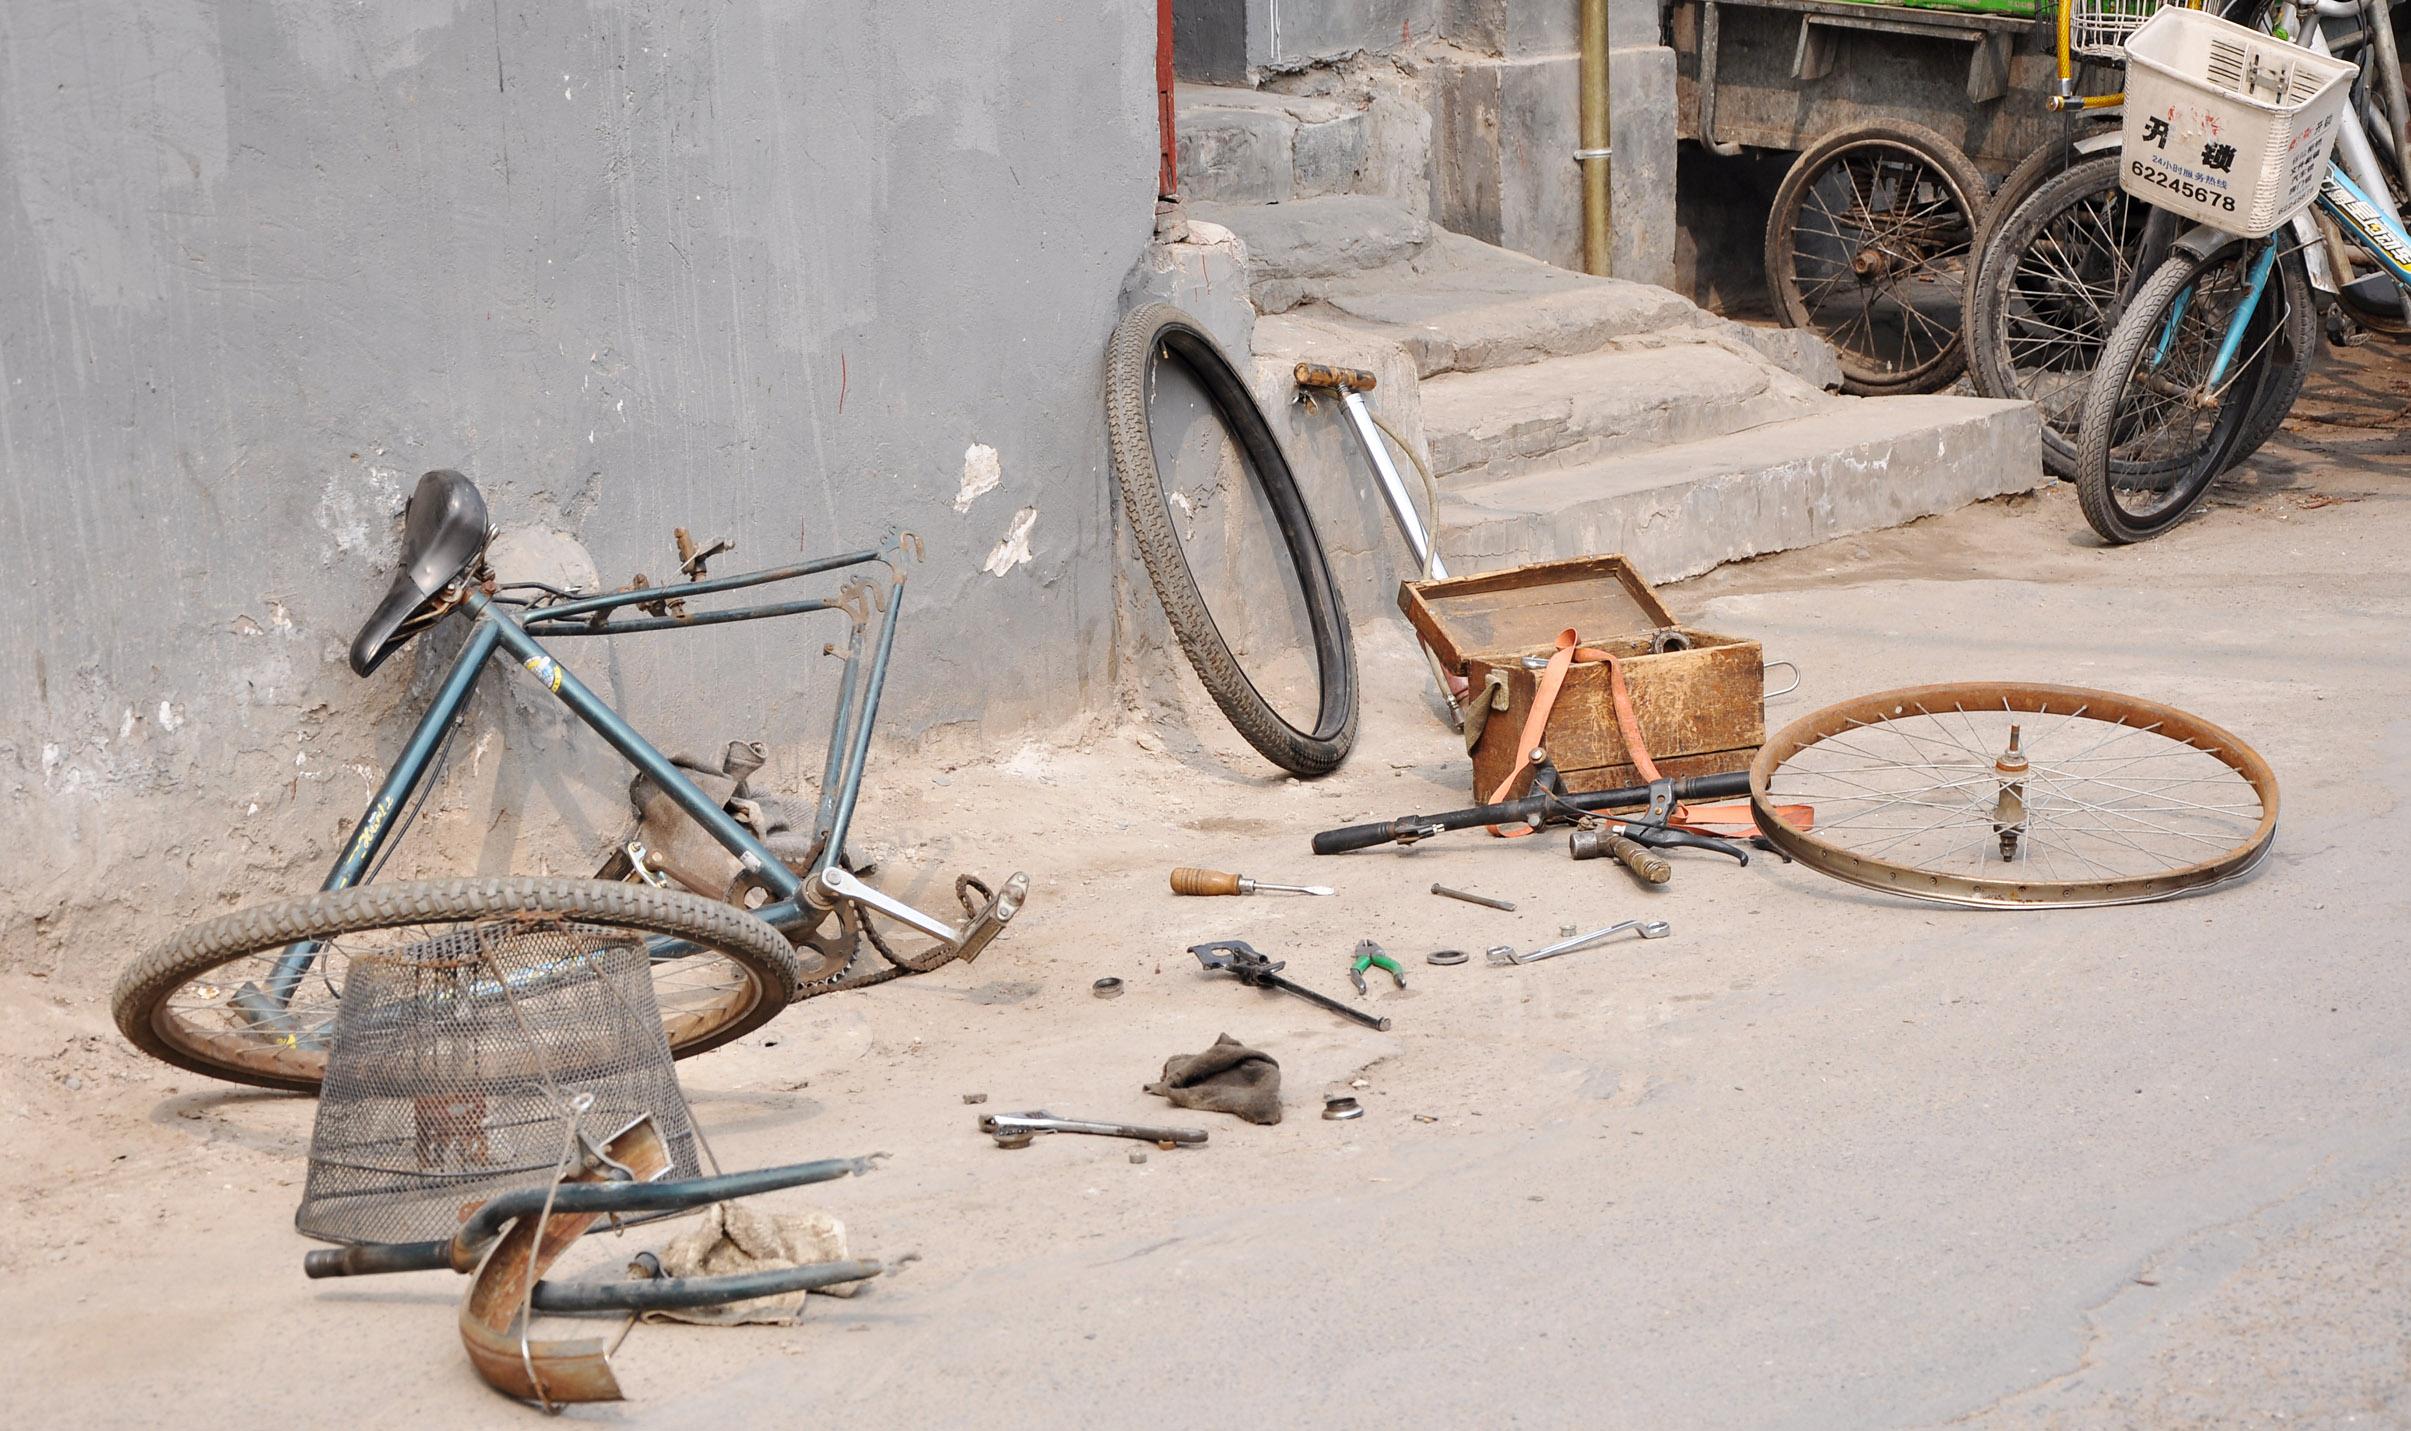 Verführerisch Upcycling Fahrrad Foto Von Rad Kaputt